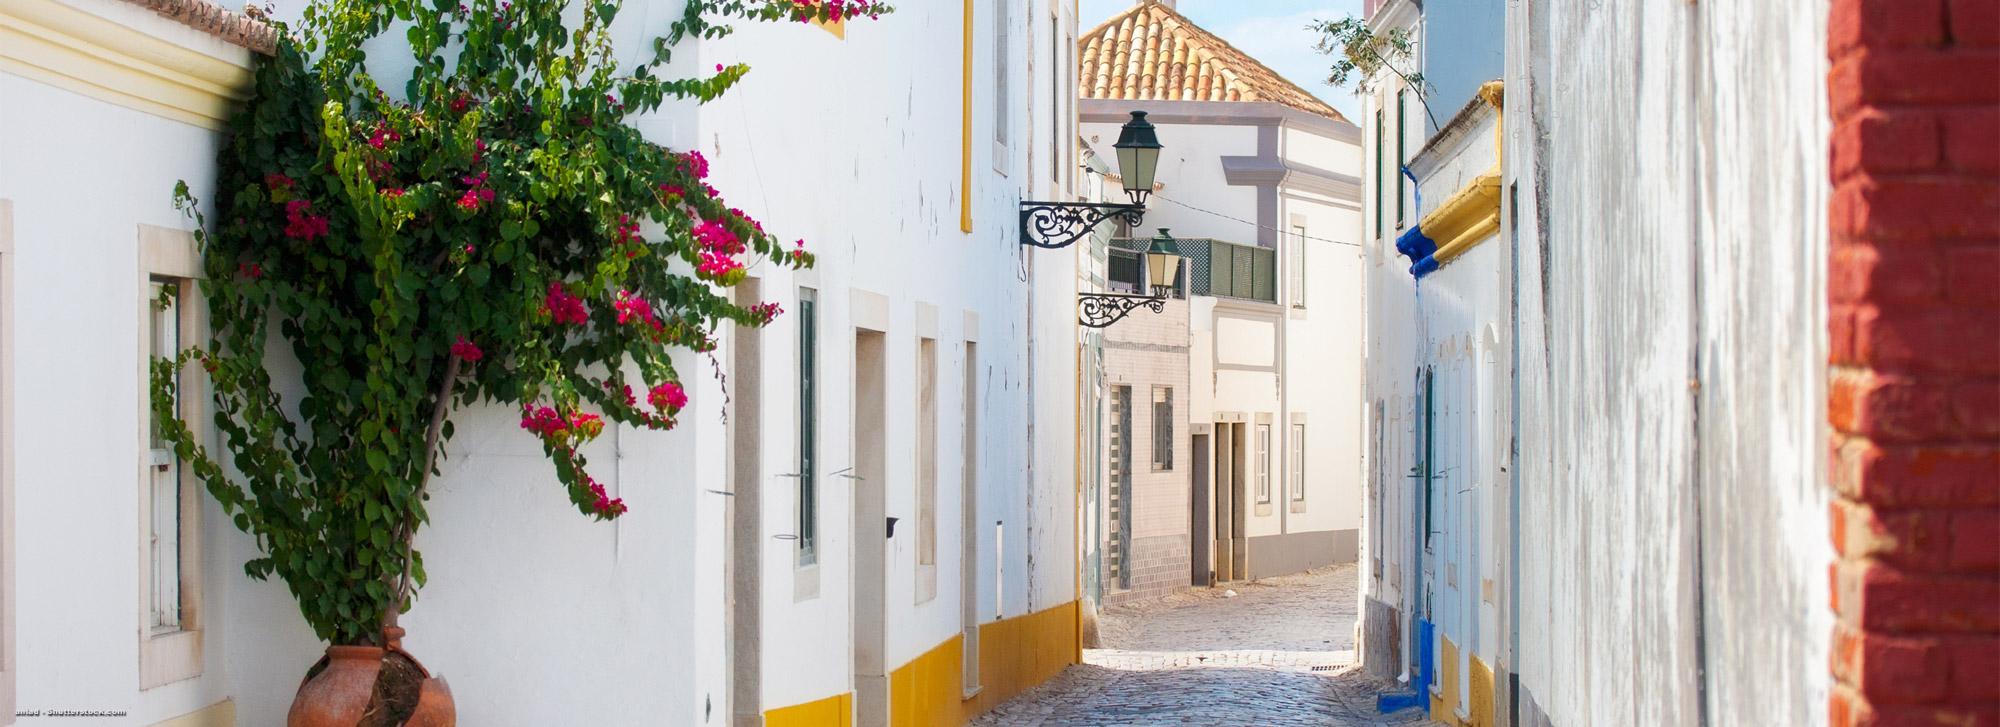 Écoles de langue à Faro